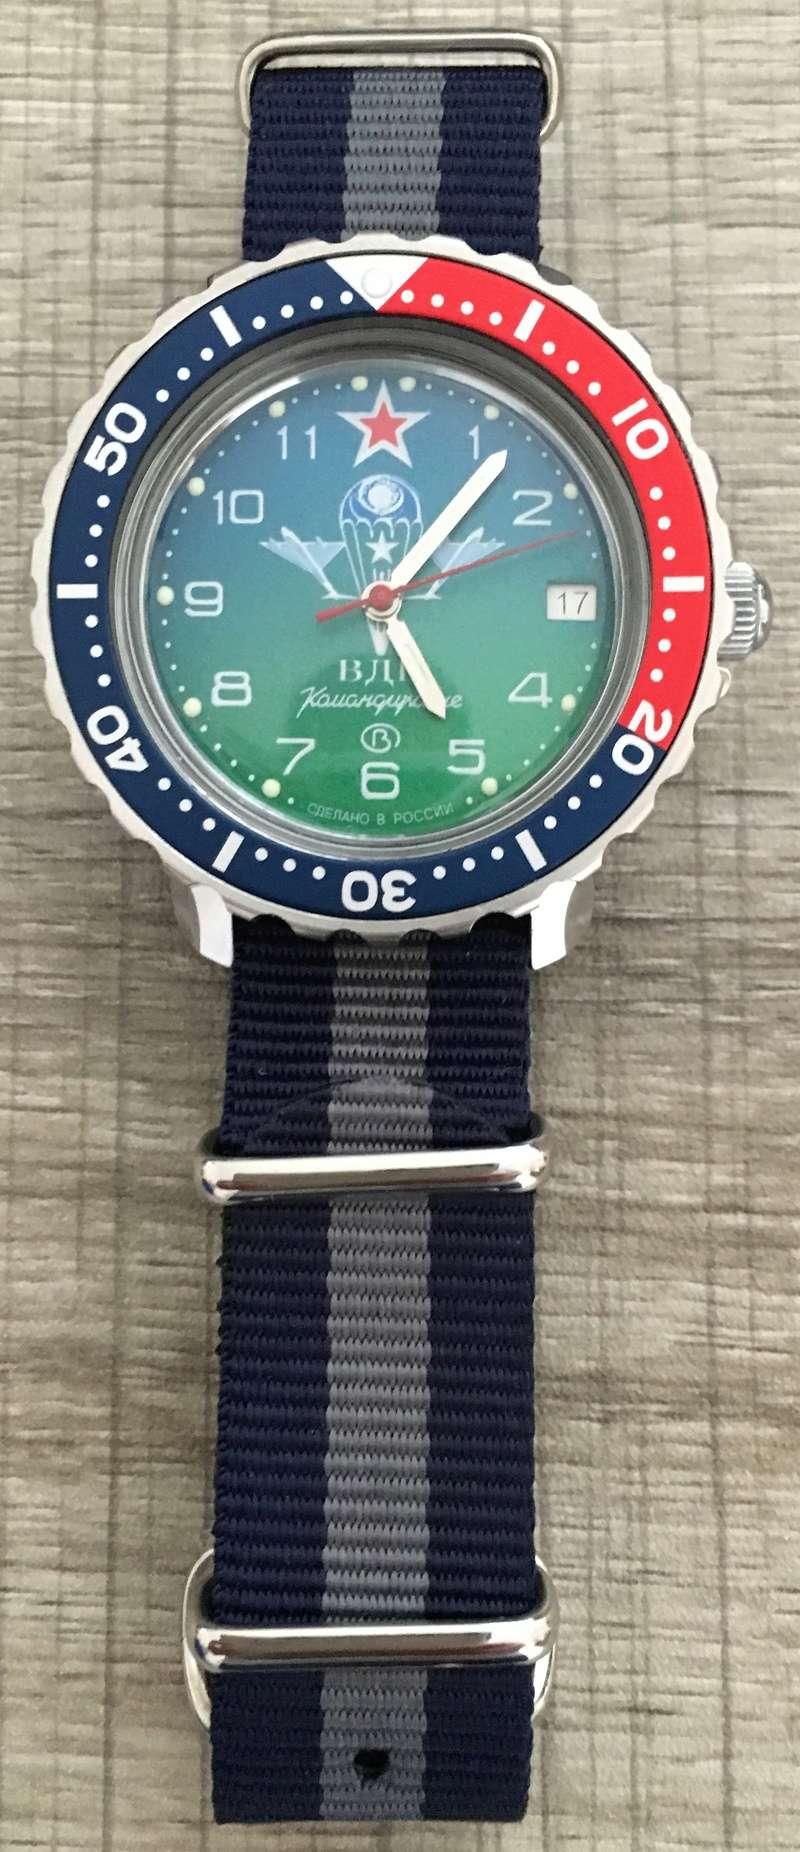 Vos montres russes customisées/modifiées - Page 6 Vdvpep10